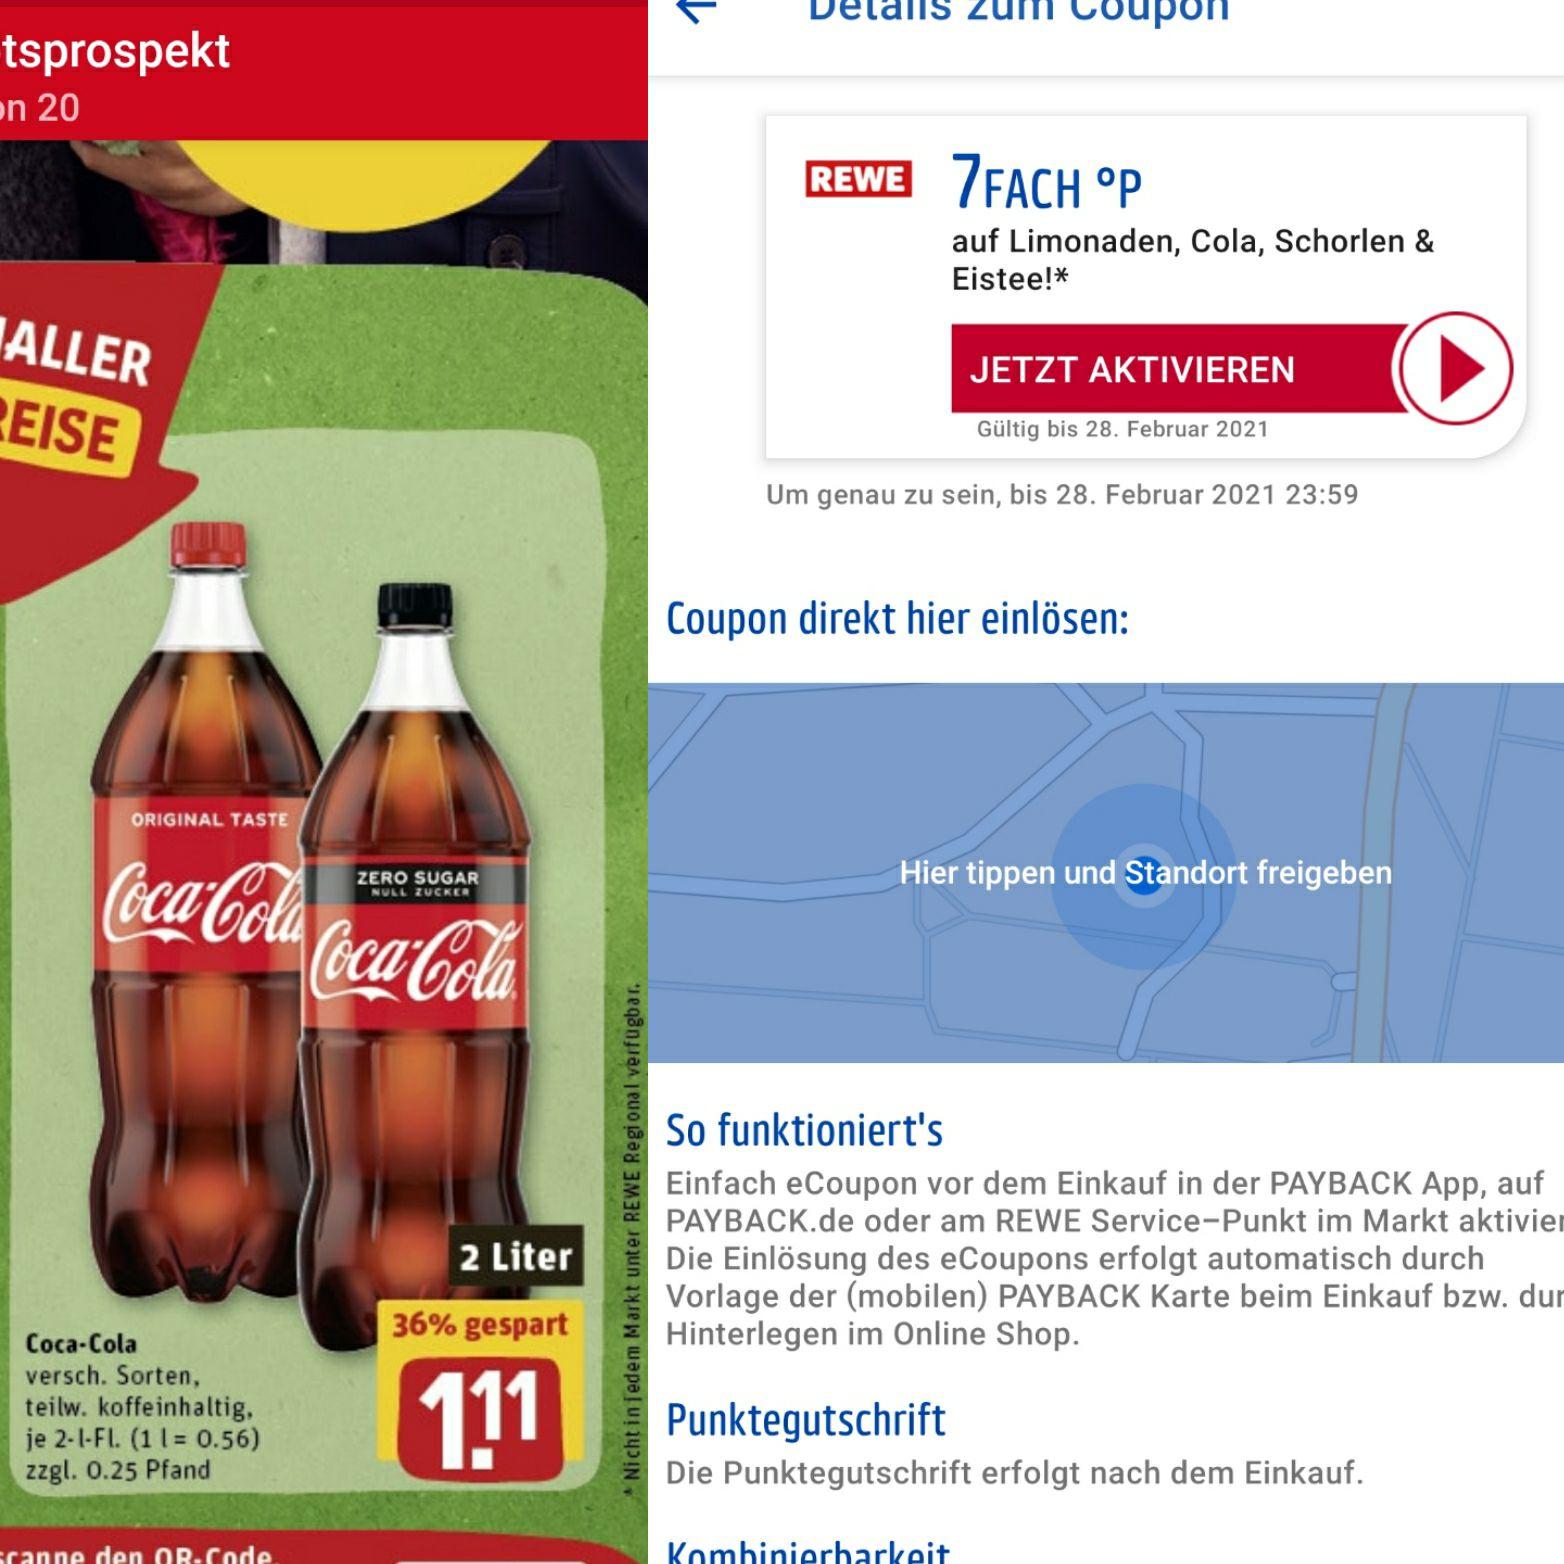 LOKAL REWE: 2 Liter Cola für 1,11 und 15- bis 7-fach Payback